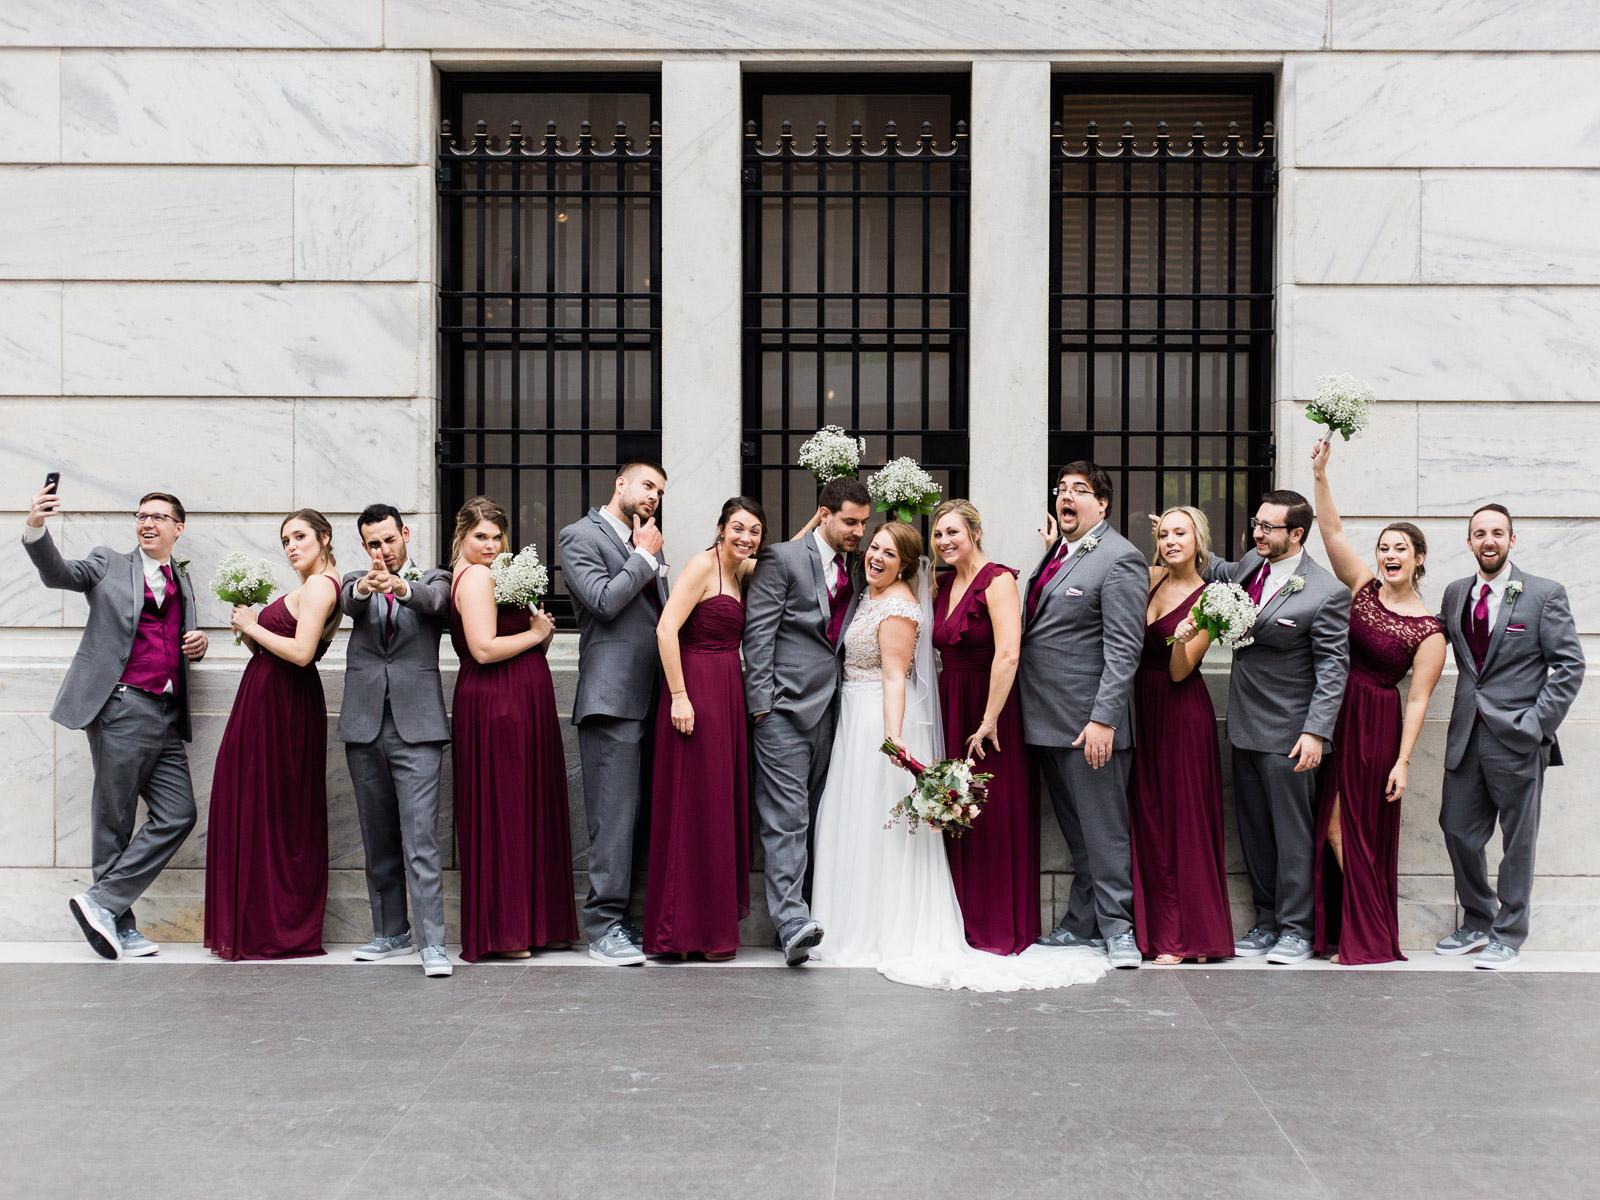 fall-ariel-international-wedding-photos-by-matt-erickson-photography-9.jpg